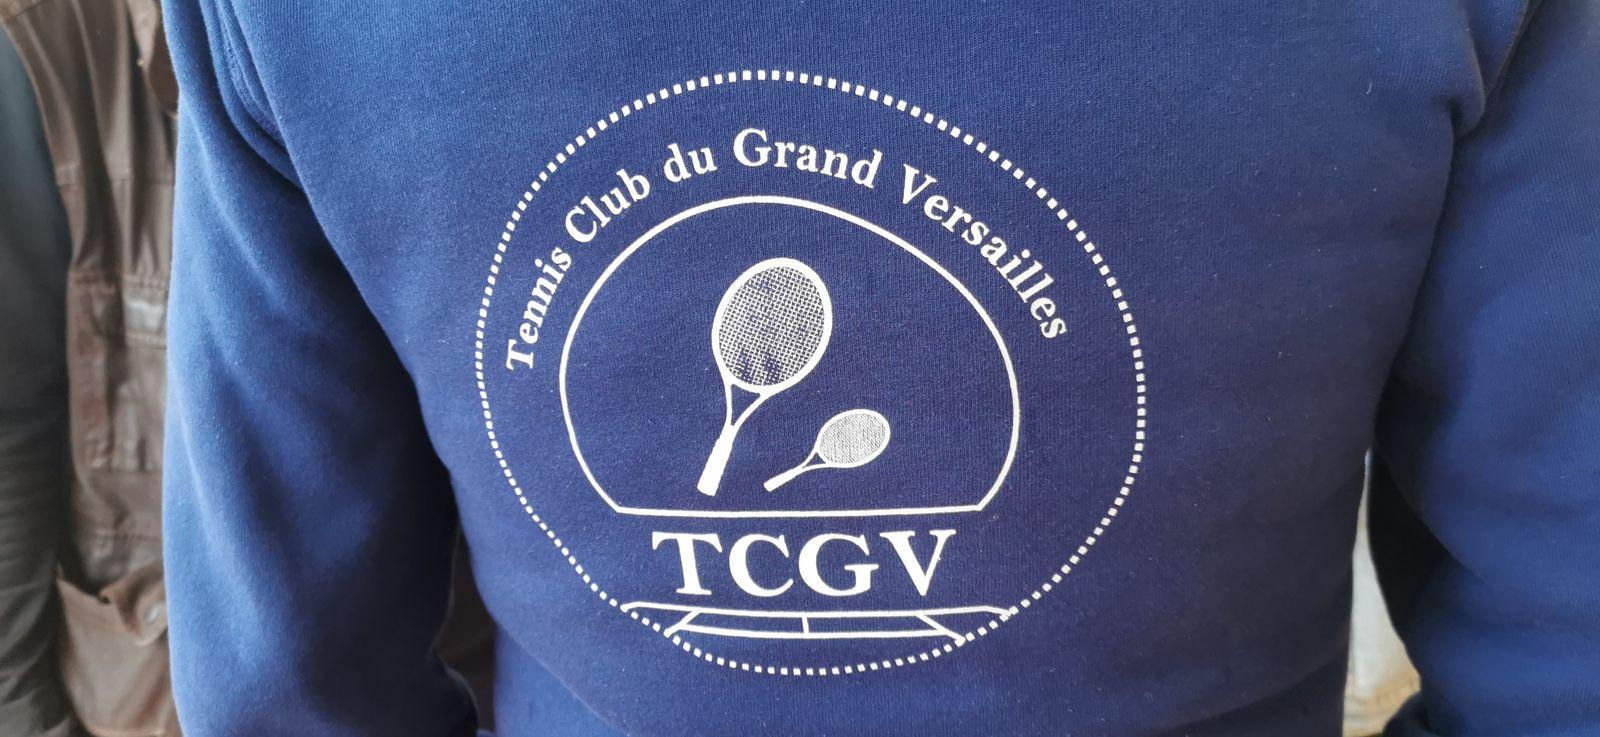 Versailles et leur beau logo